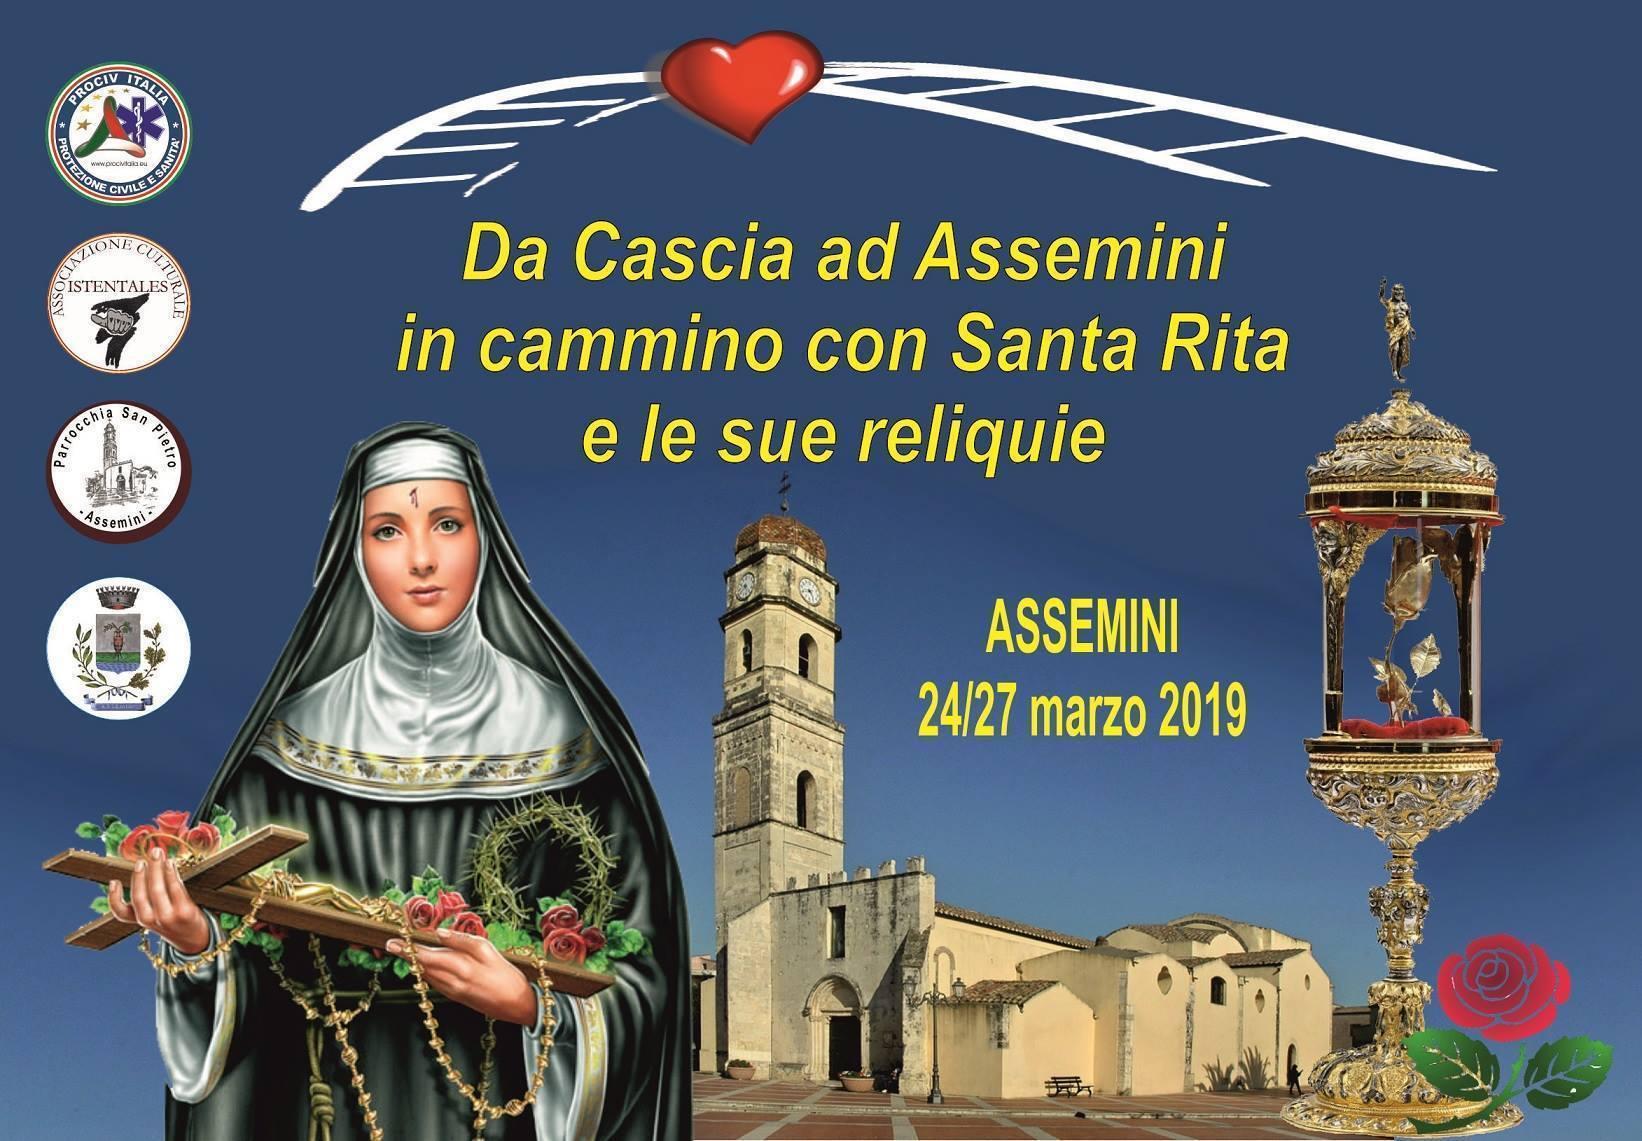 Santa Rita Giorno Calendario.Manifestazione Da Cascia Ad Assemini In Cammino Con Santa